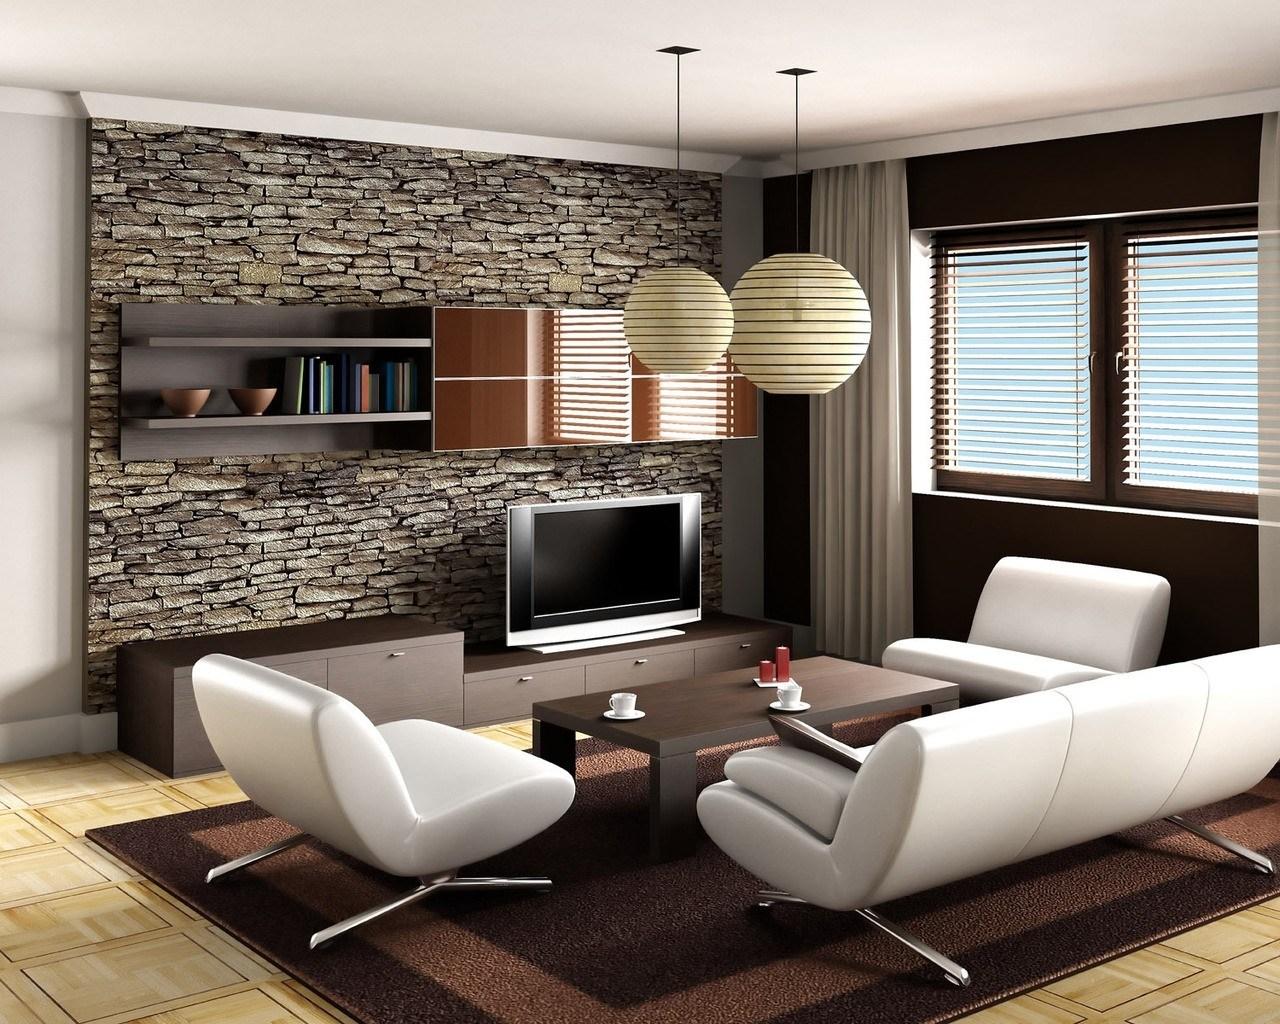 Применение декоративного кирпича в интерьере квартиры_6